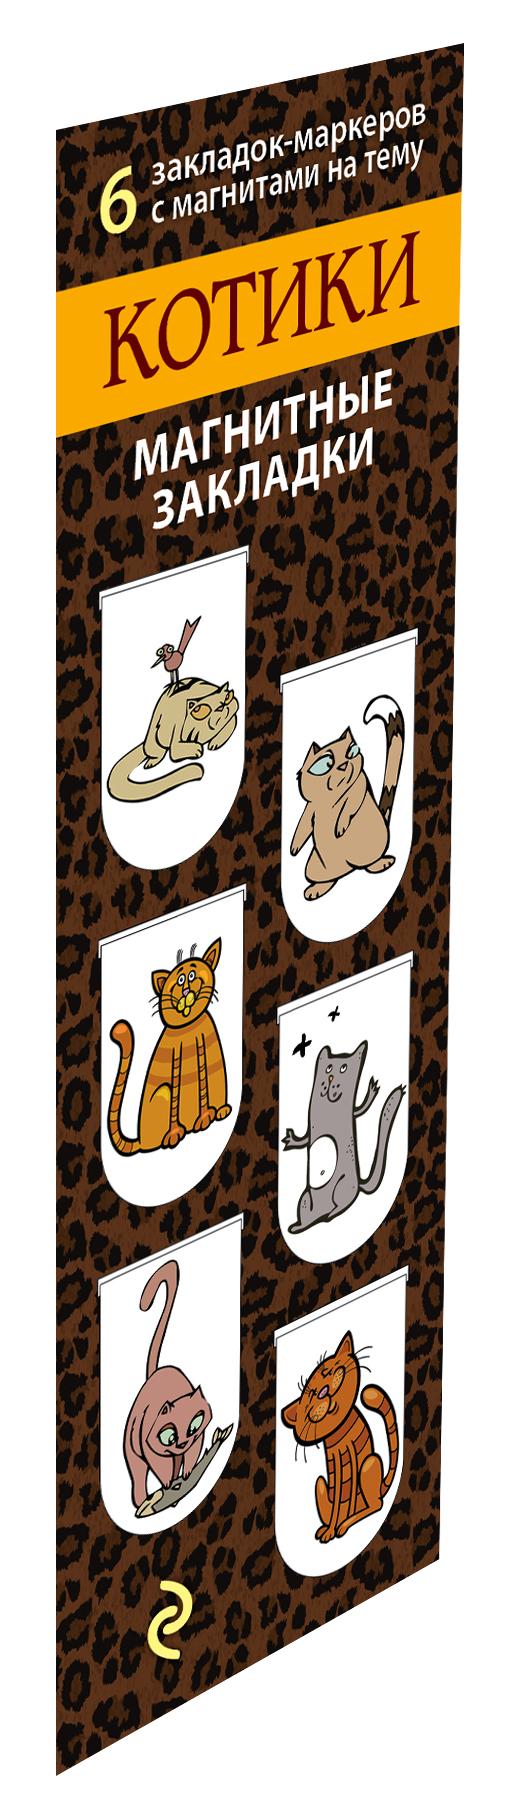 Магнитные закладки «Котики», 6 штук